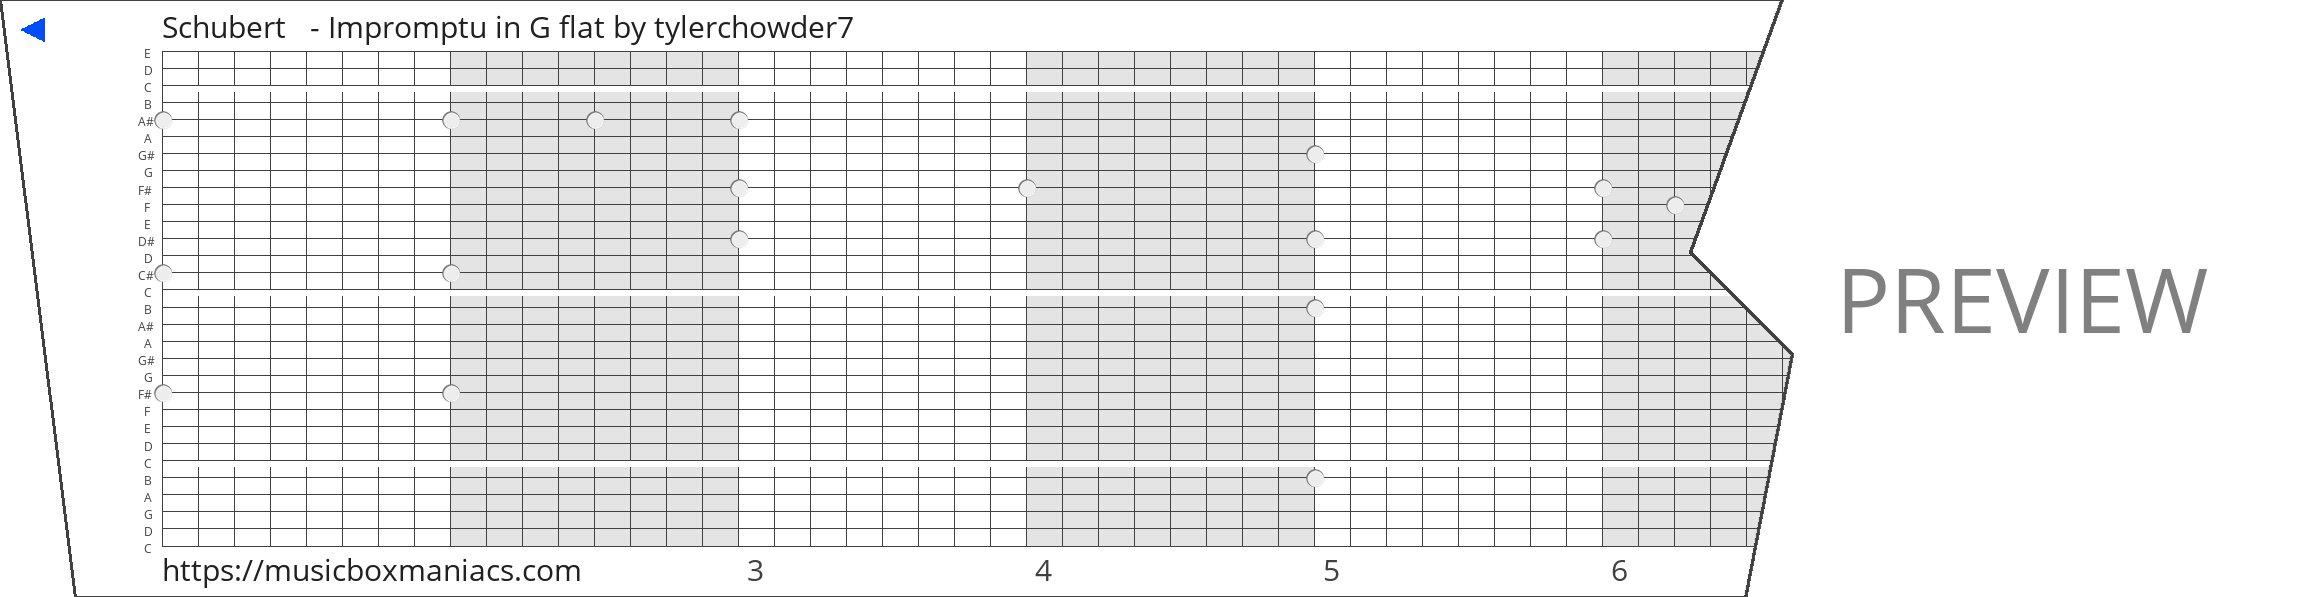 Schubert   - Impromptu in G flat 30 note music box paper strip